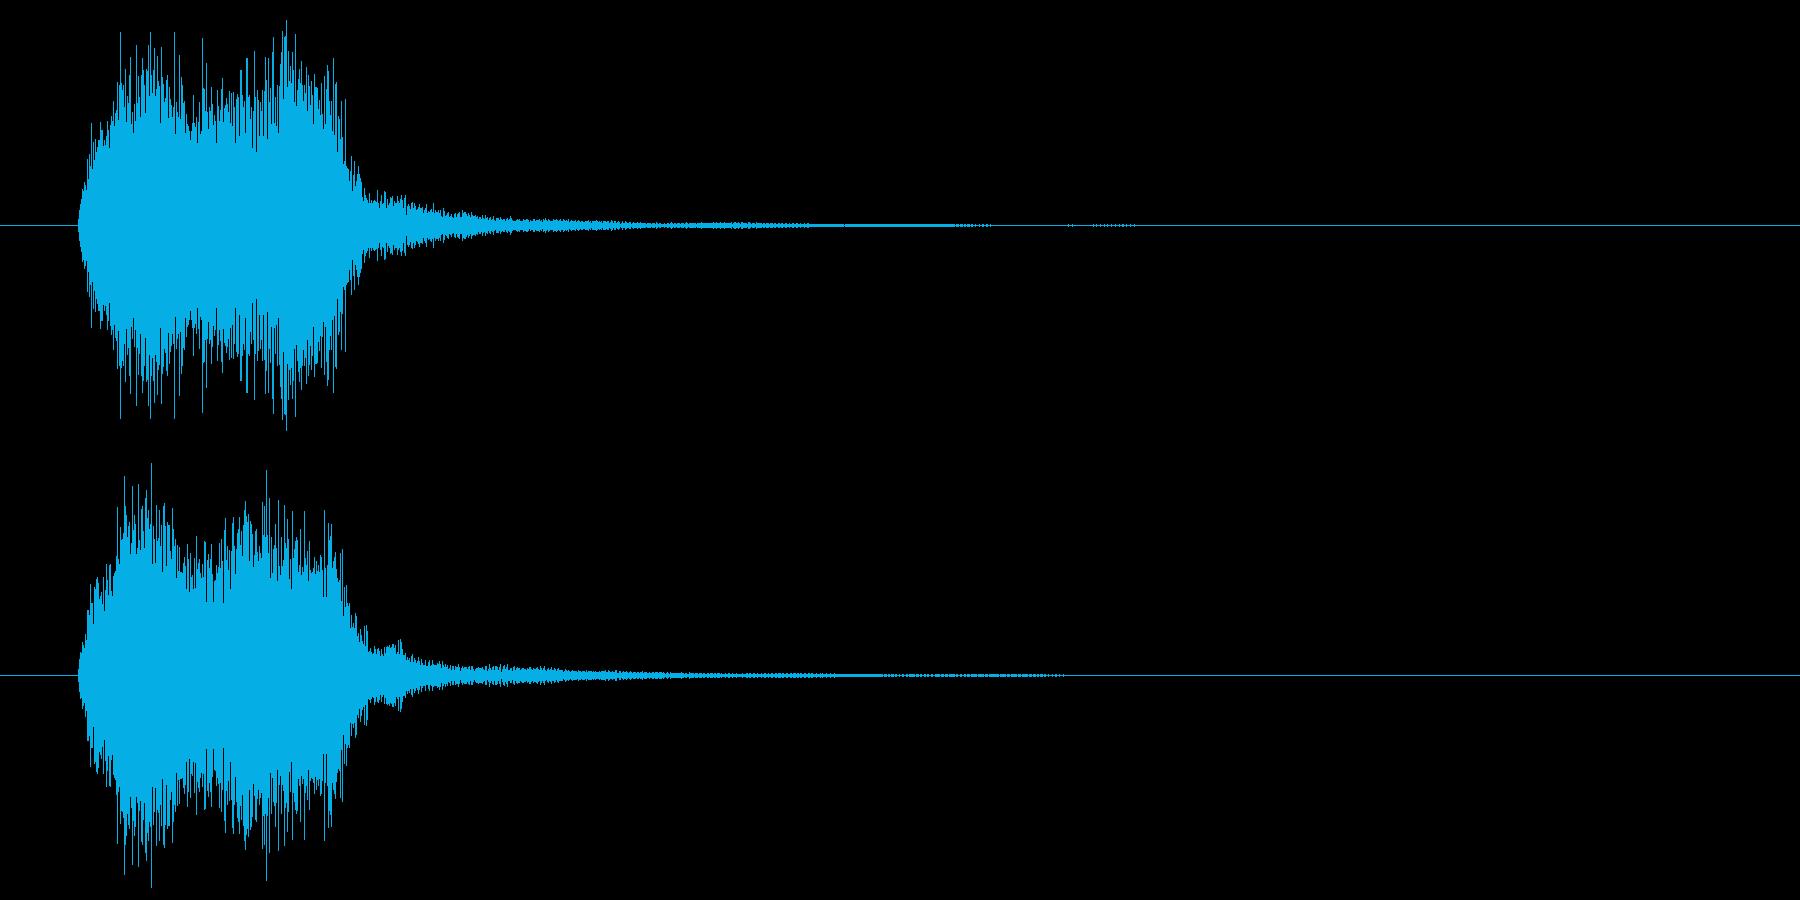 「パパーン!」短く派手なファンファーレの再生済みの波形